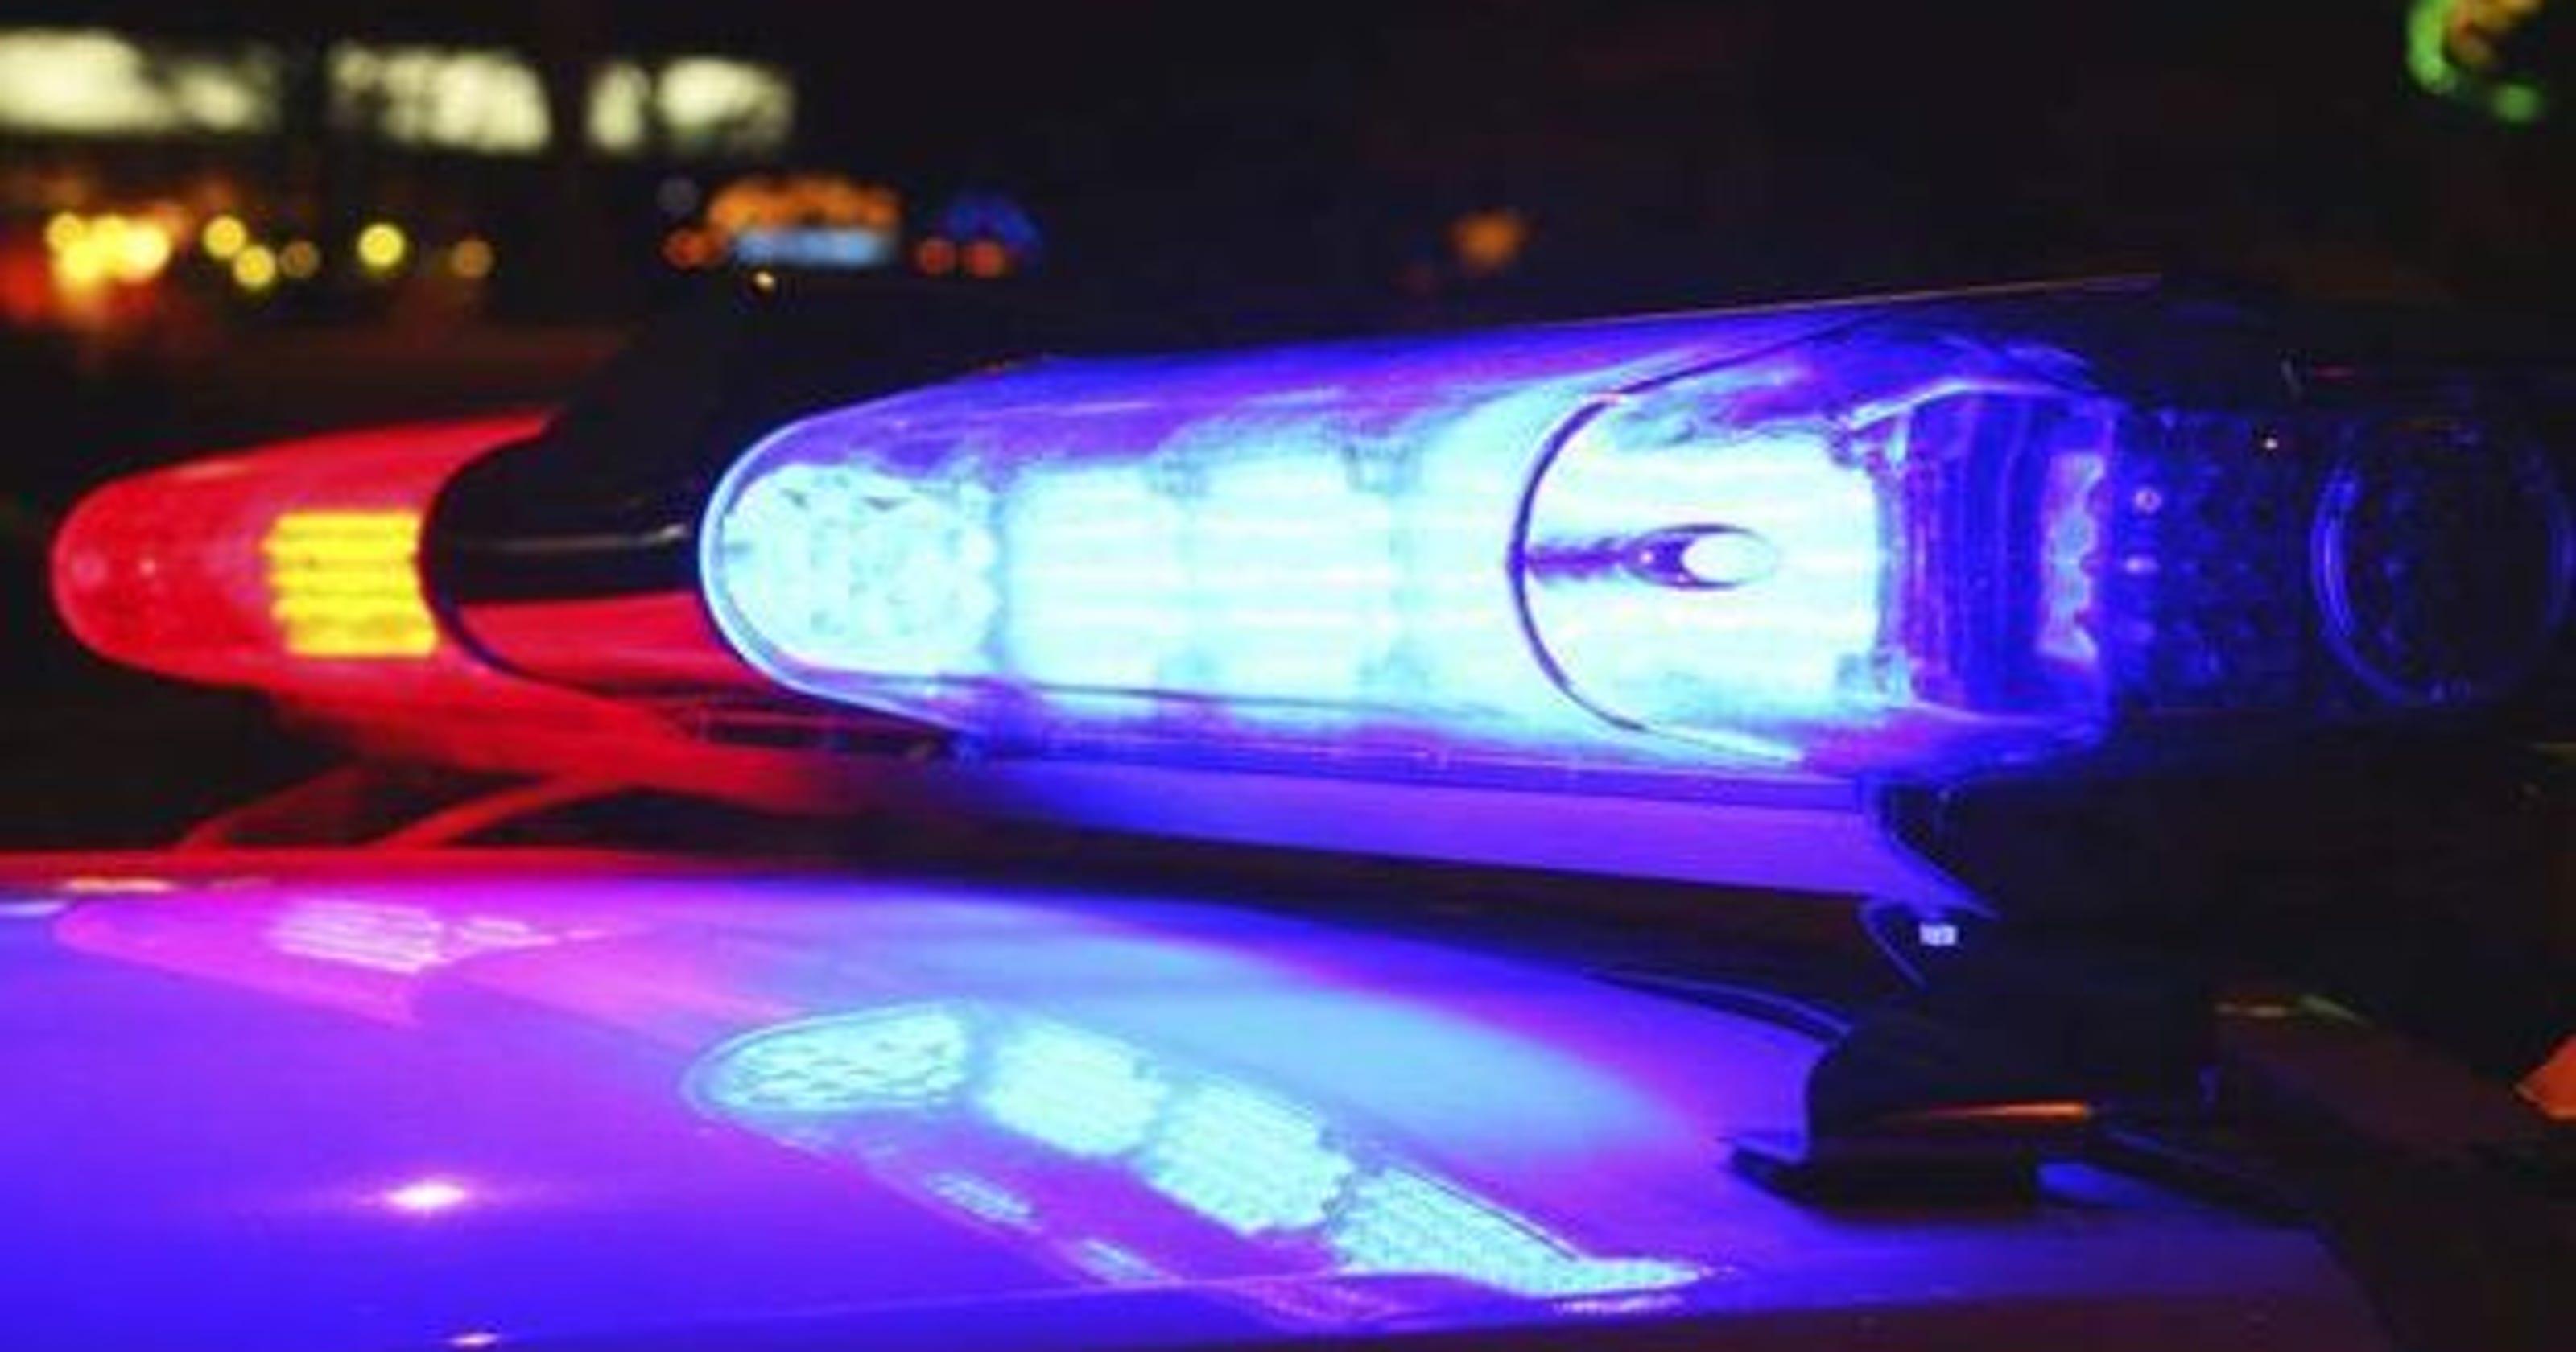 Roadside drug testing begins in 5 Michigan counties